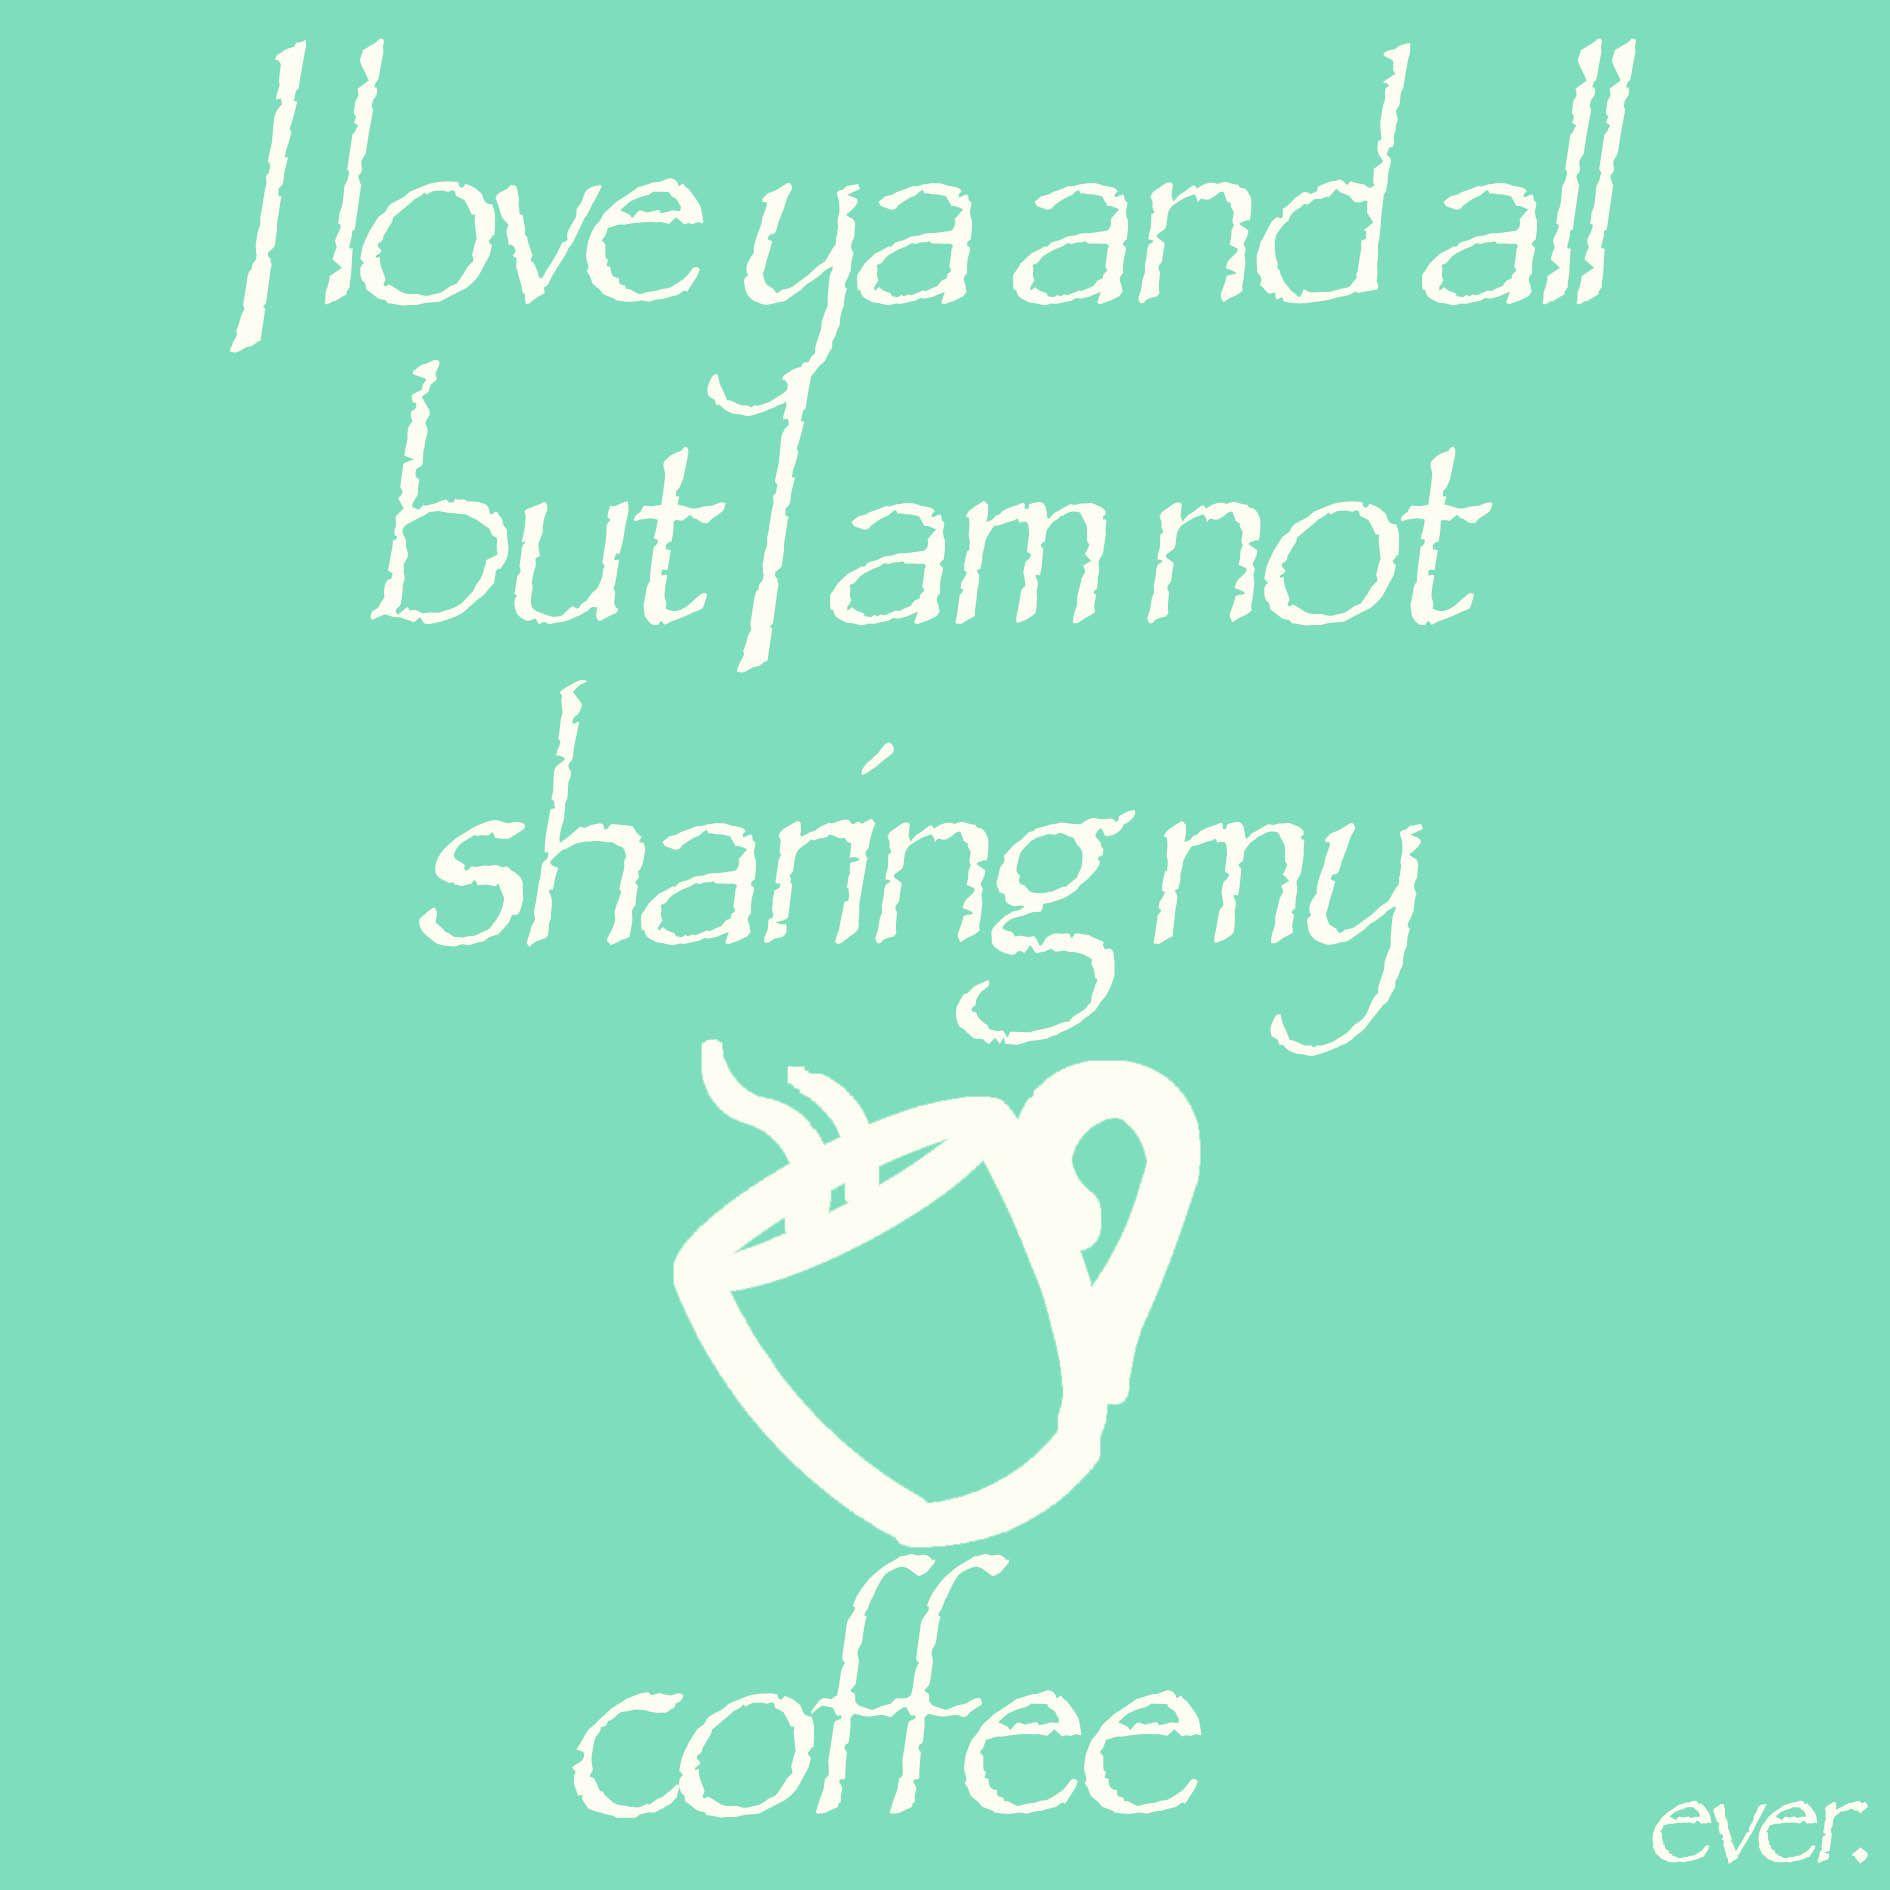 Sharing? #coffee